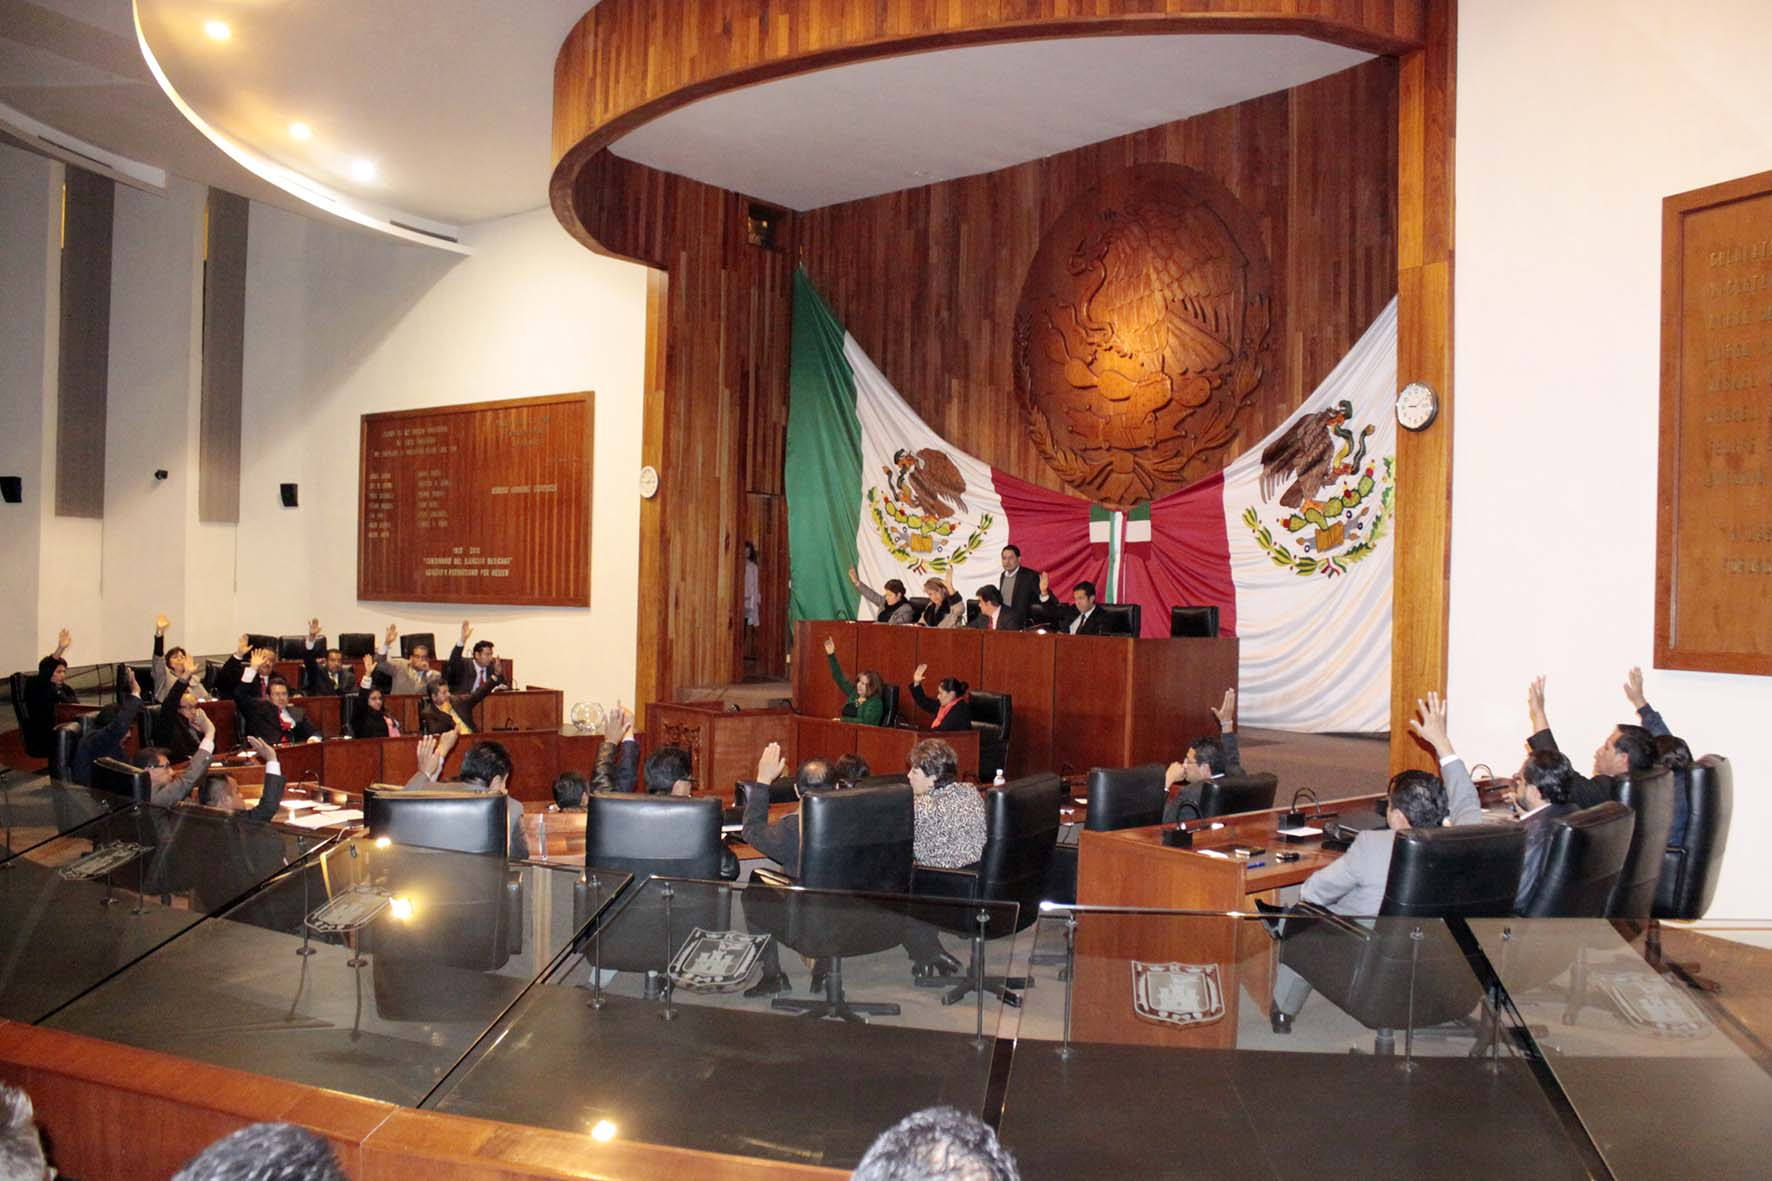 Dan plazo al Congreso de Tlaxcala para presentar legislación contra la corrupción